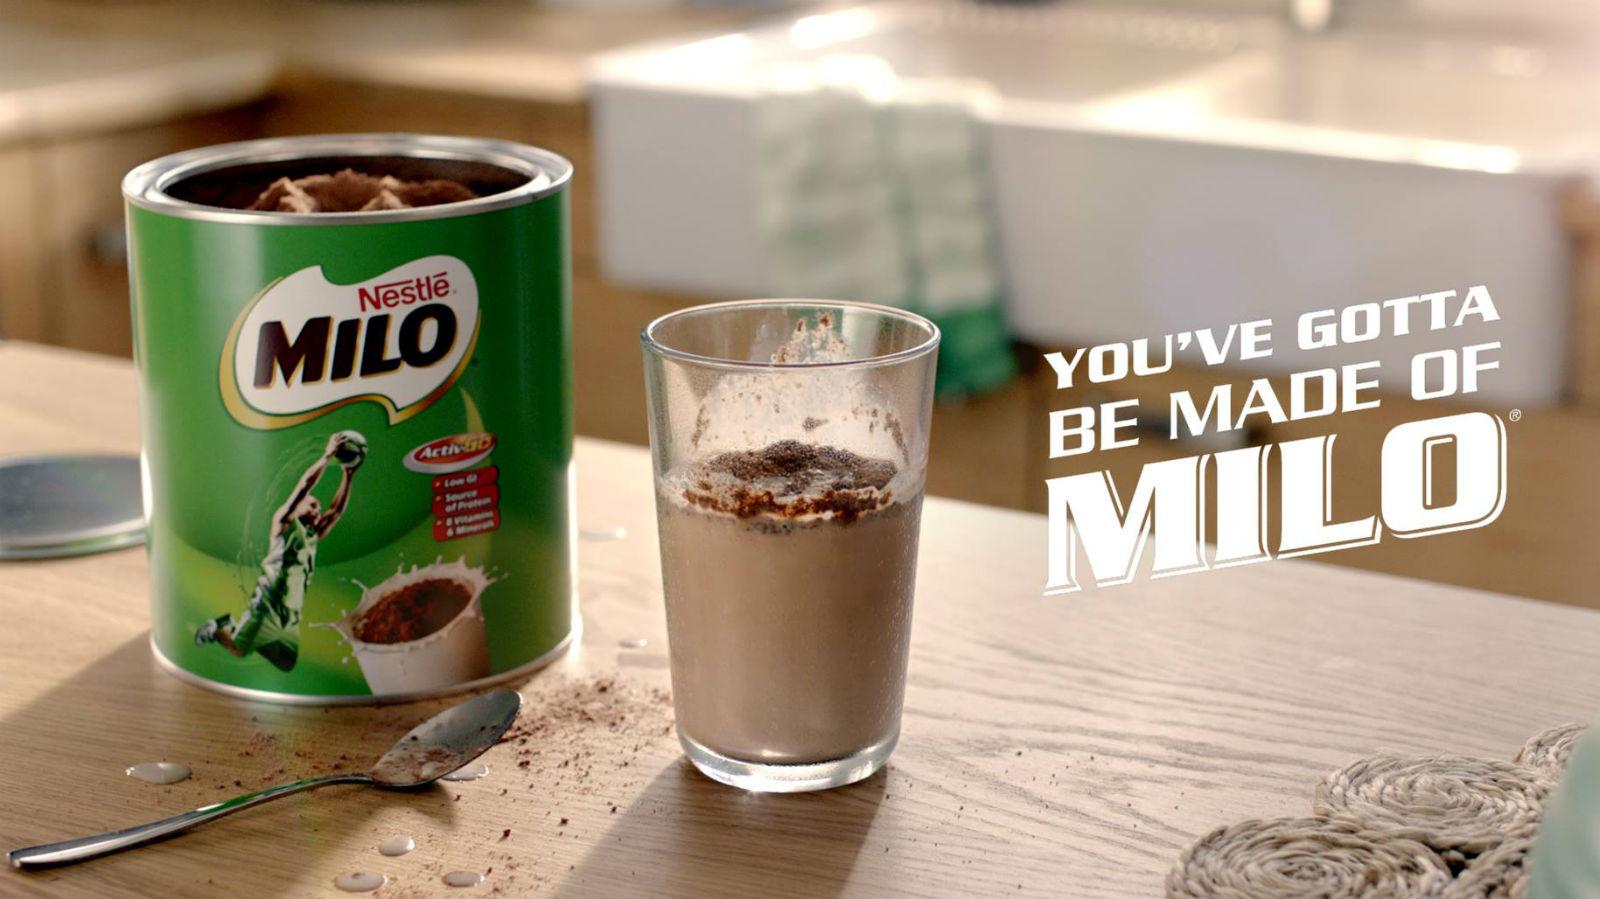 Mua sữa milo úc hcm